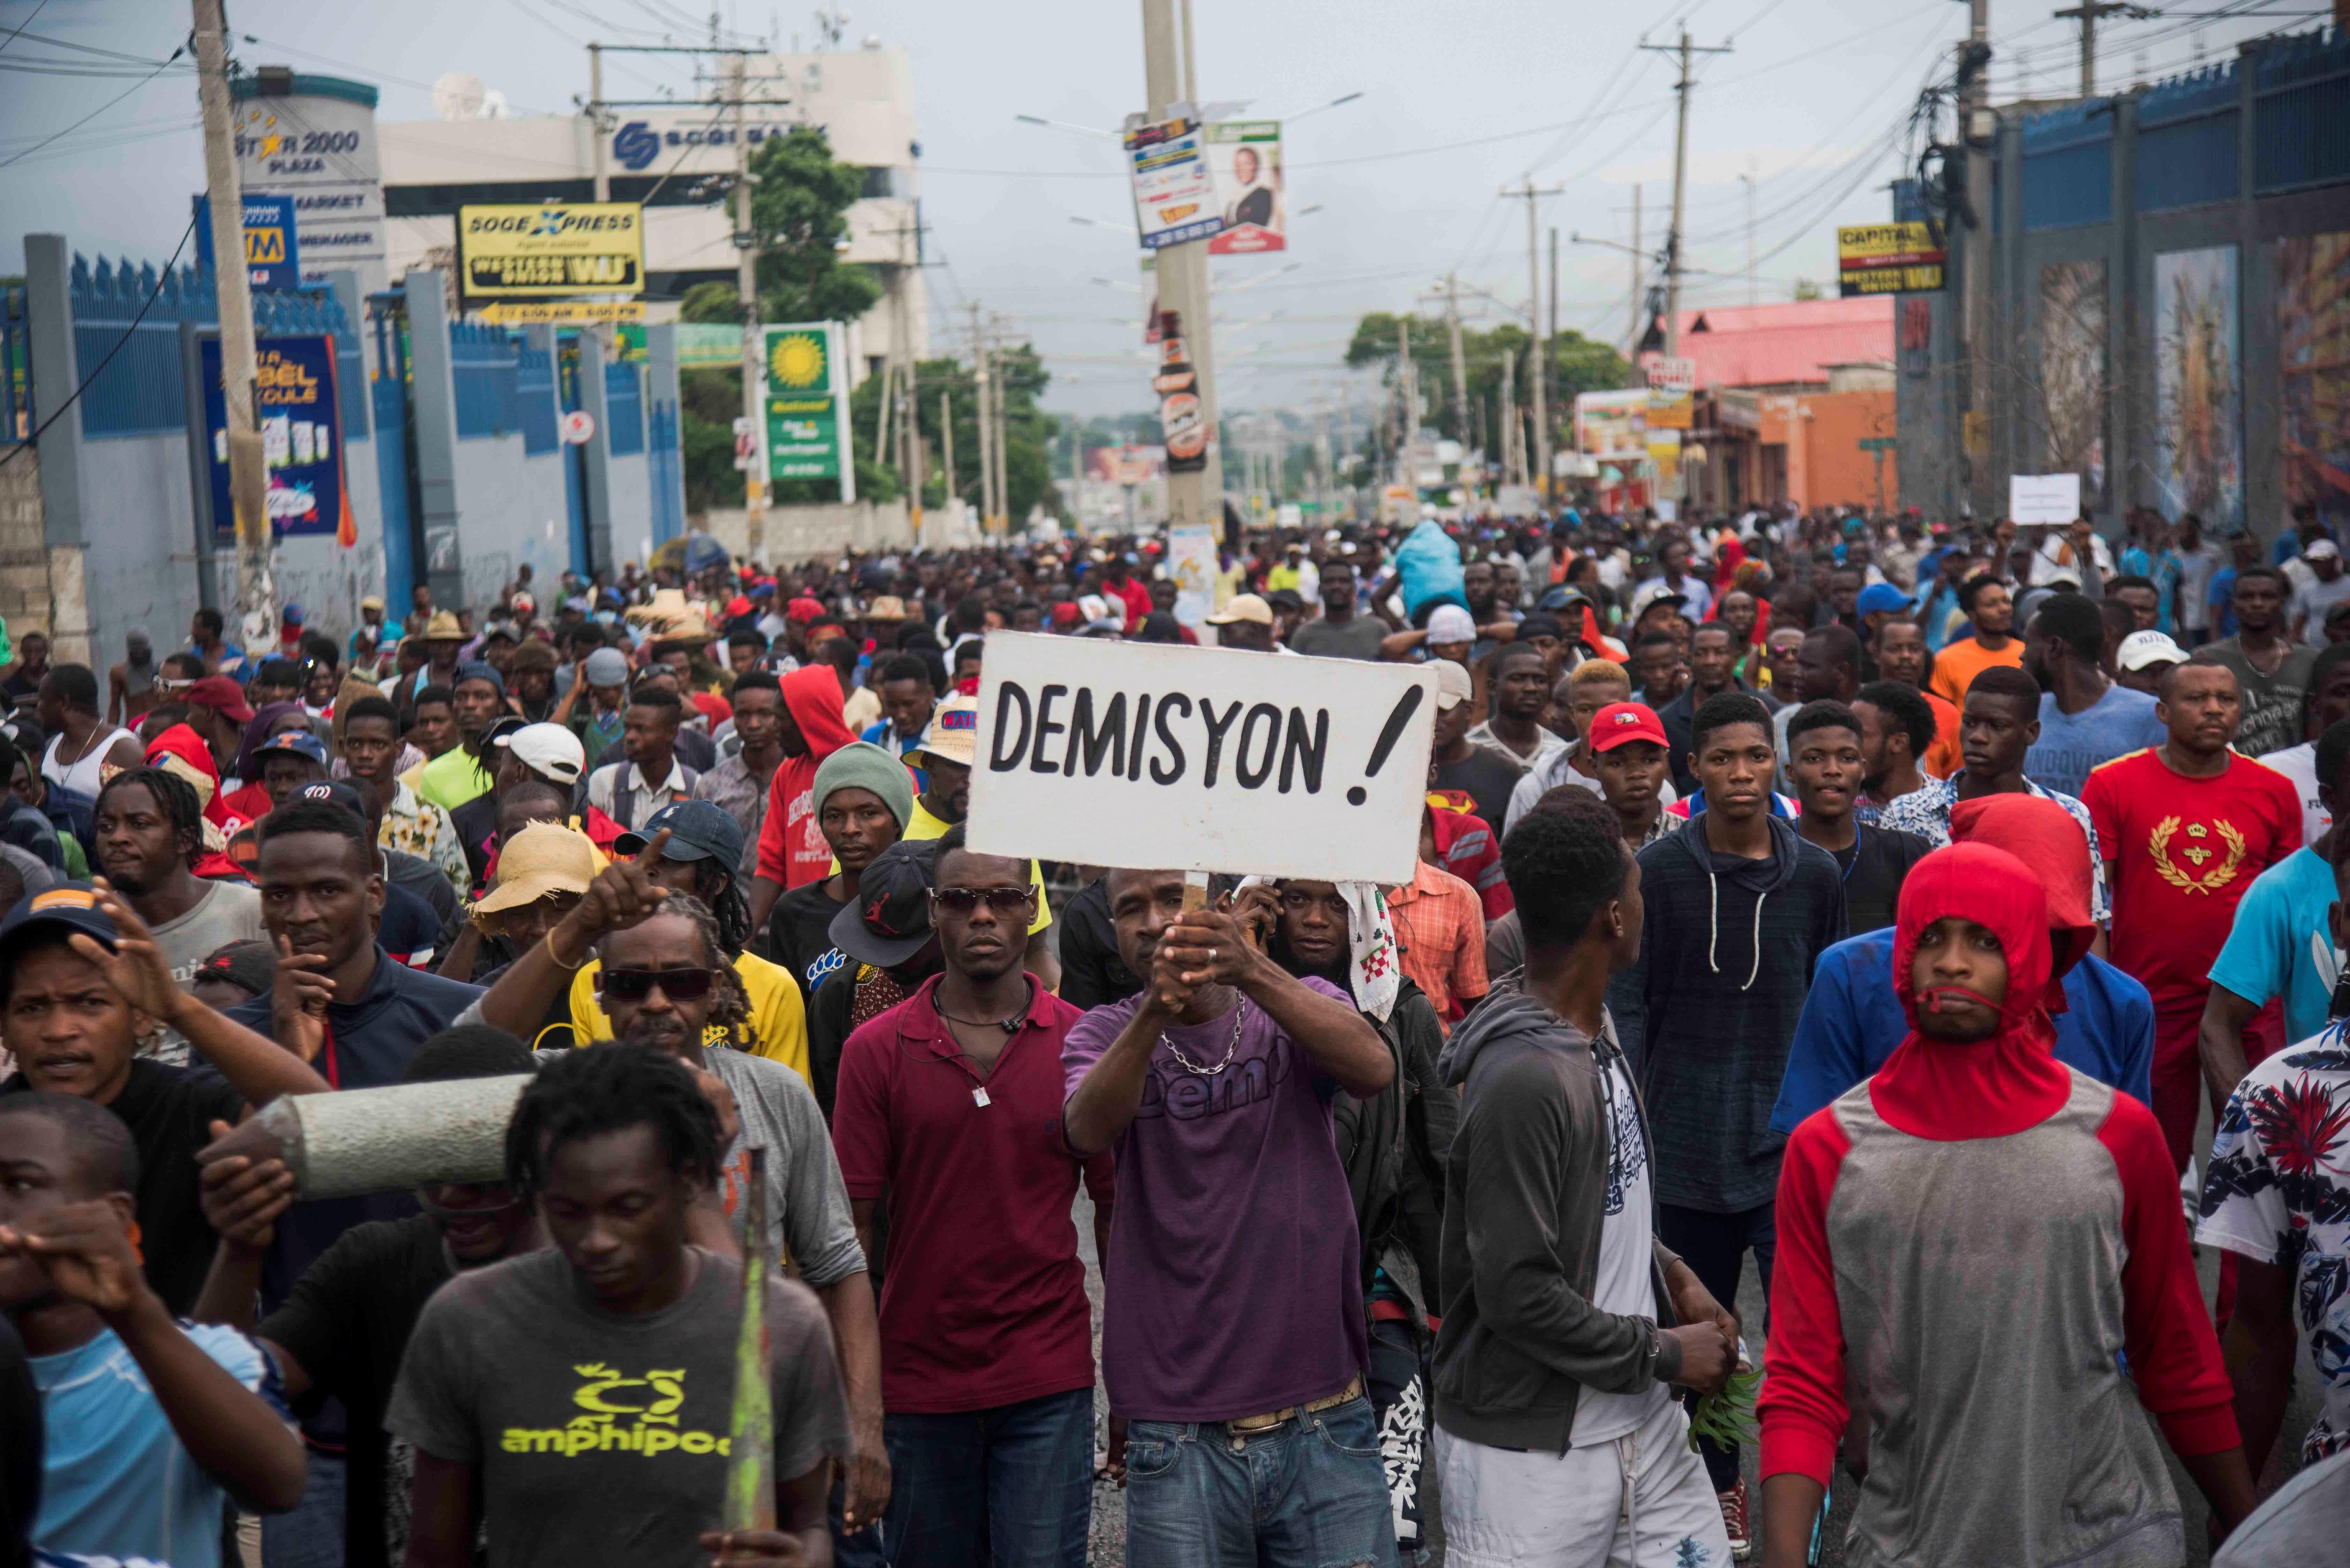 Nueva jornada de protestas por la escasez de combustible en Haití